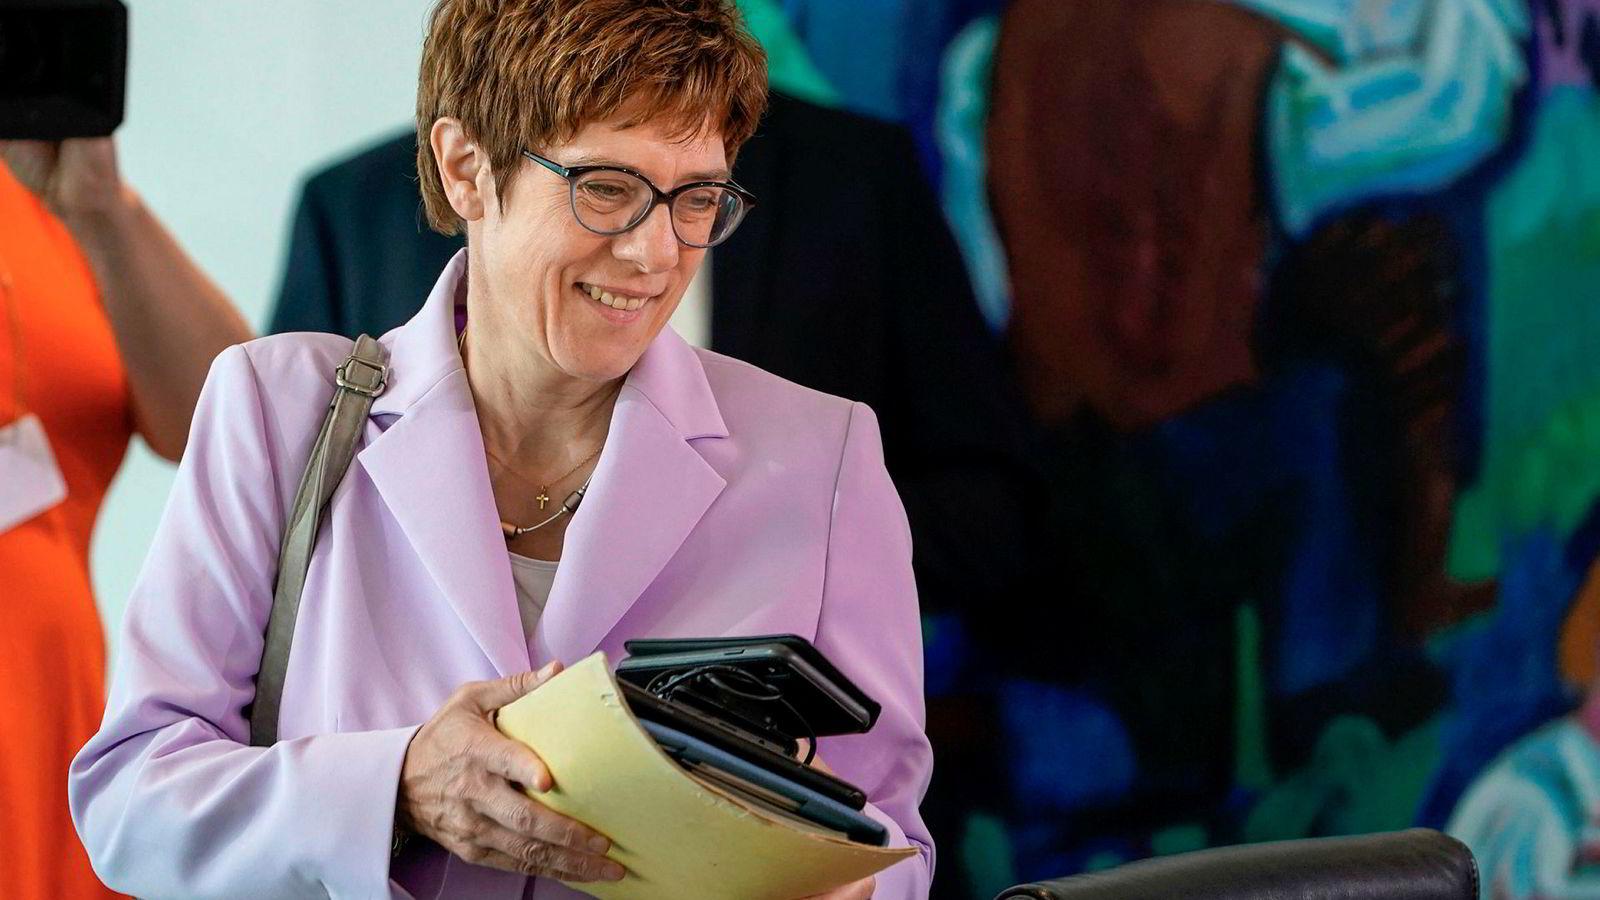 Sist helg varslet Annegret Kramp-Karrenbauer, kristeligdemokratenes partileder, en betydelig omlegging av landets skattesystem. Måleter å å få ned Tysklands klimautslipp.